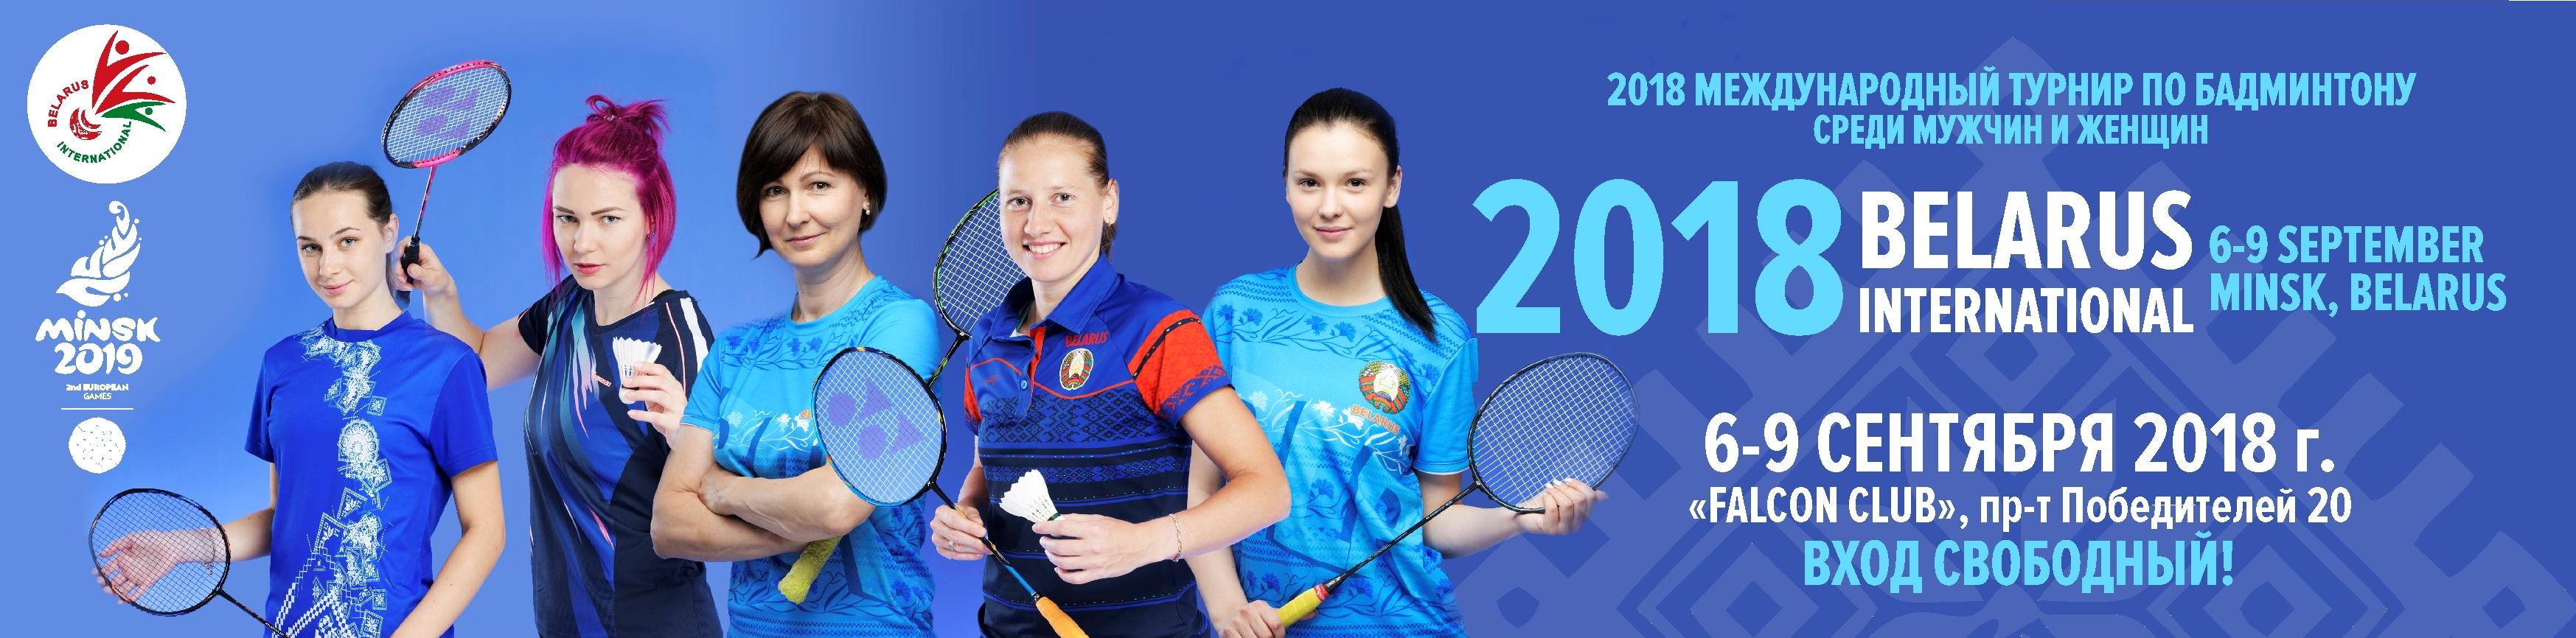 Приглашение на Belarus International от Алеси Зайцевой